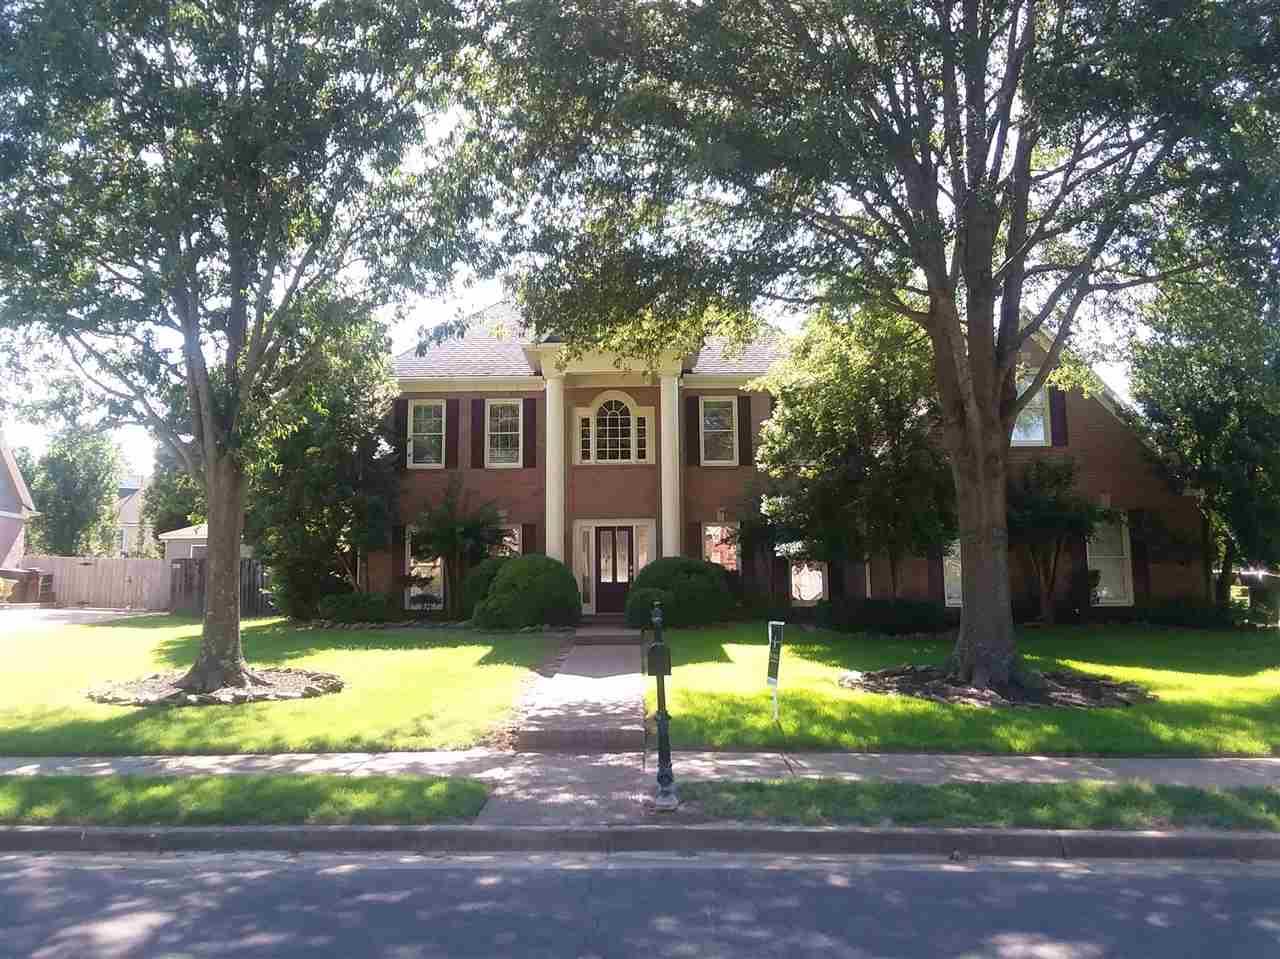 1589 Collingham, Collierville, TN 38017